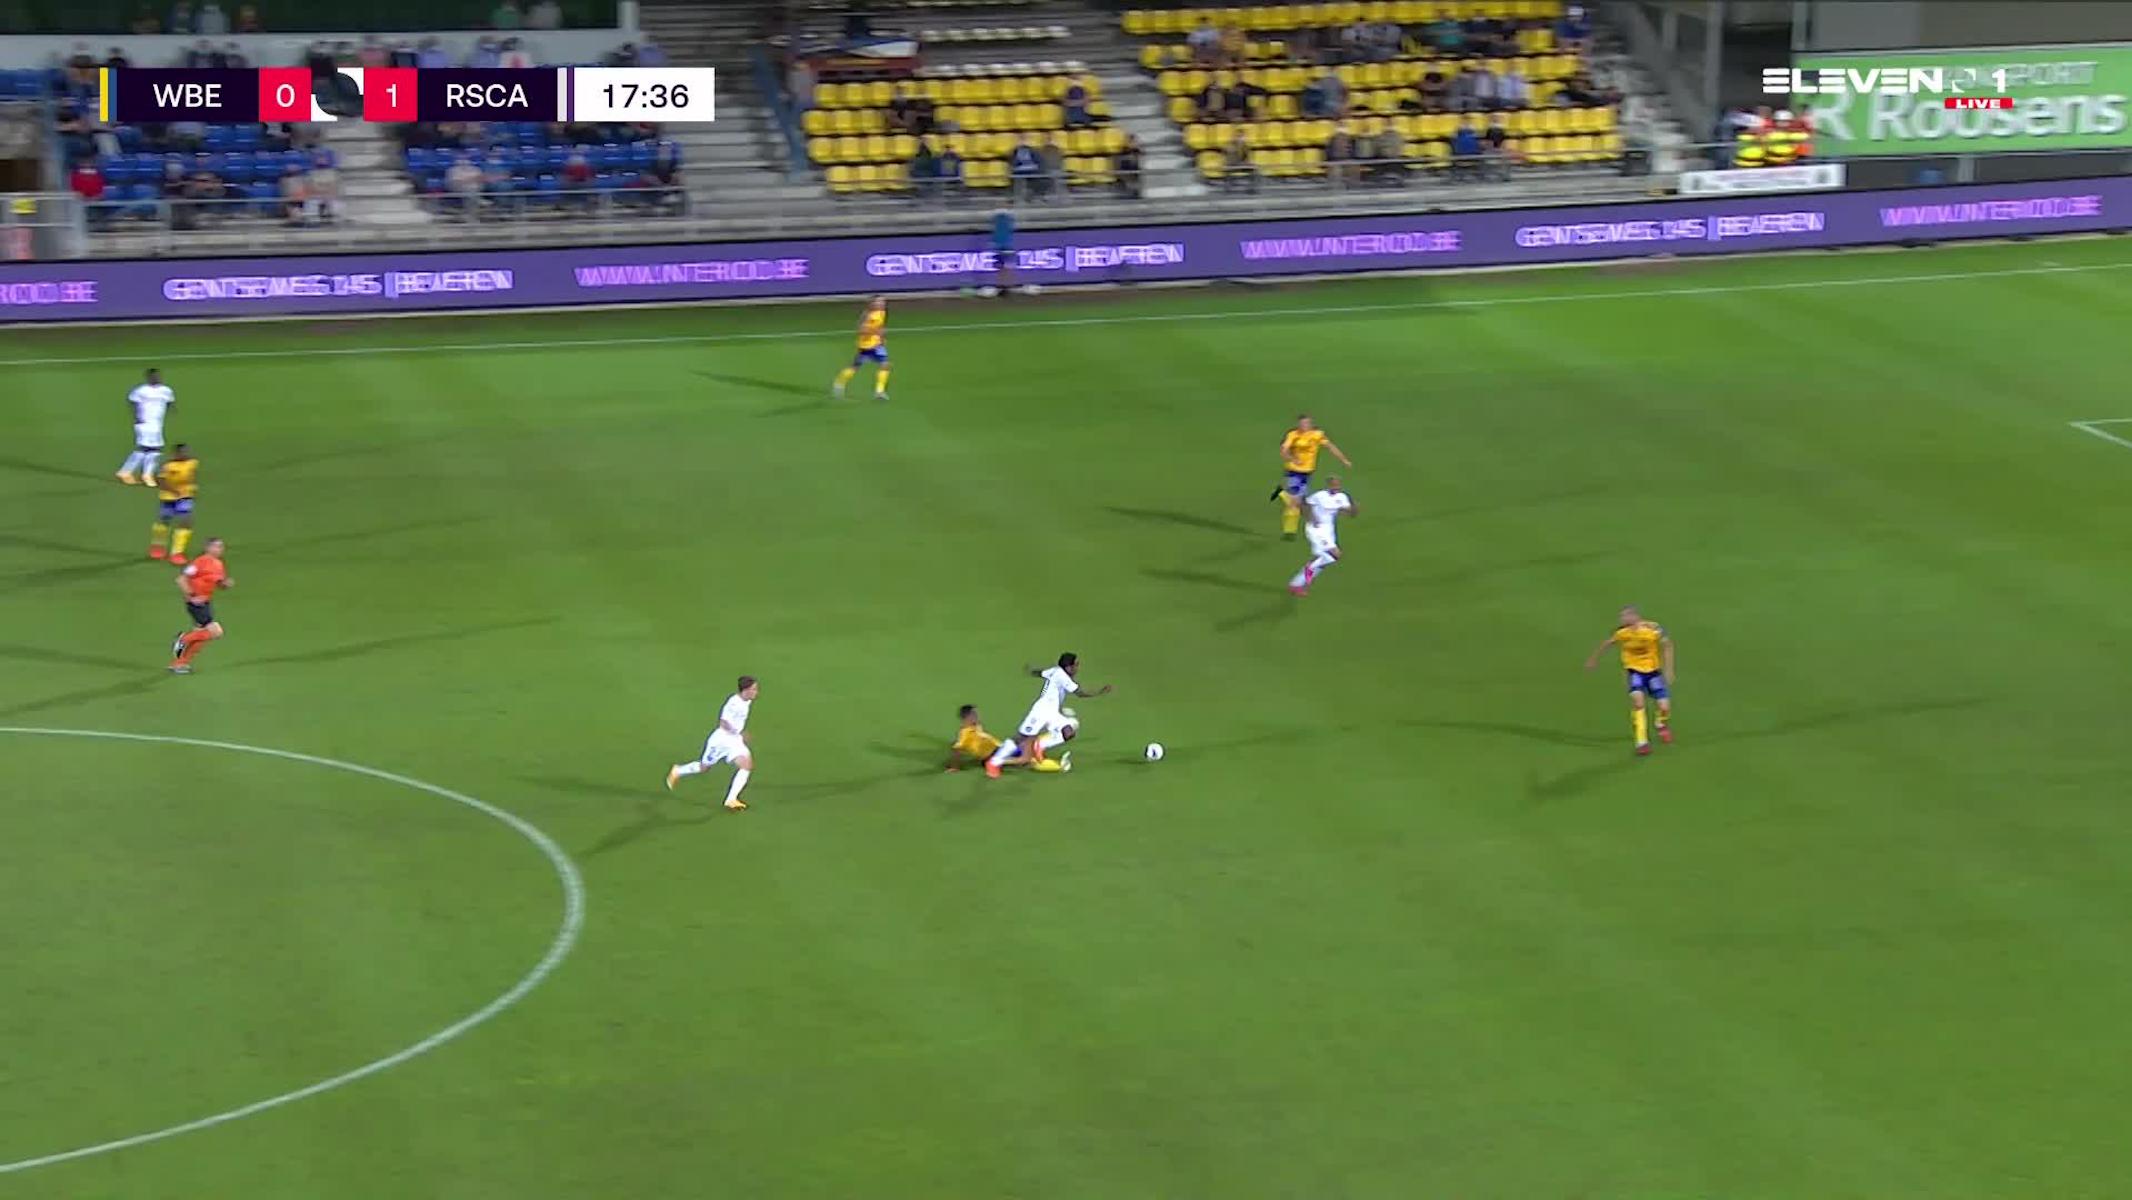 Doelpunt Jeremy Doku (Waasland-Beveren vs. RSC Anderlecht)